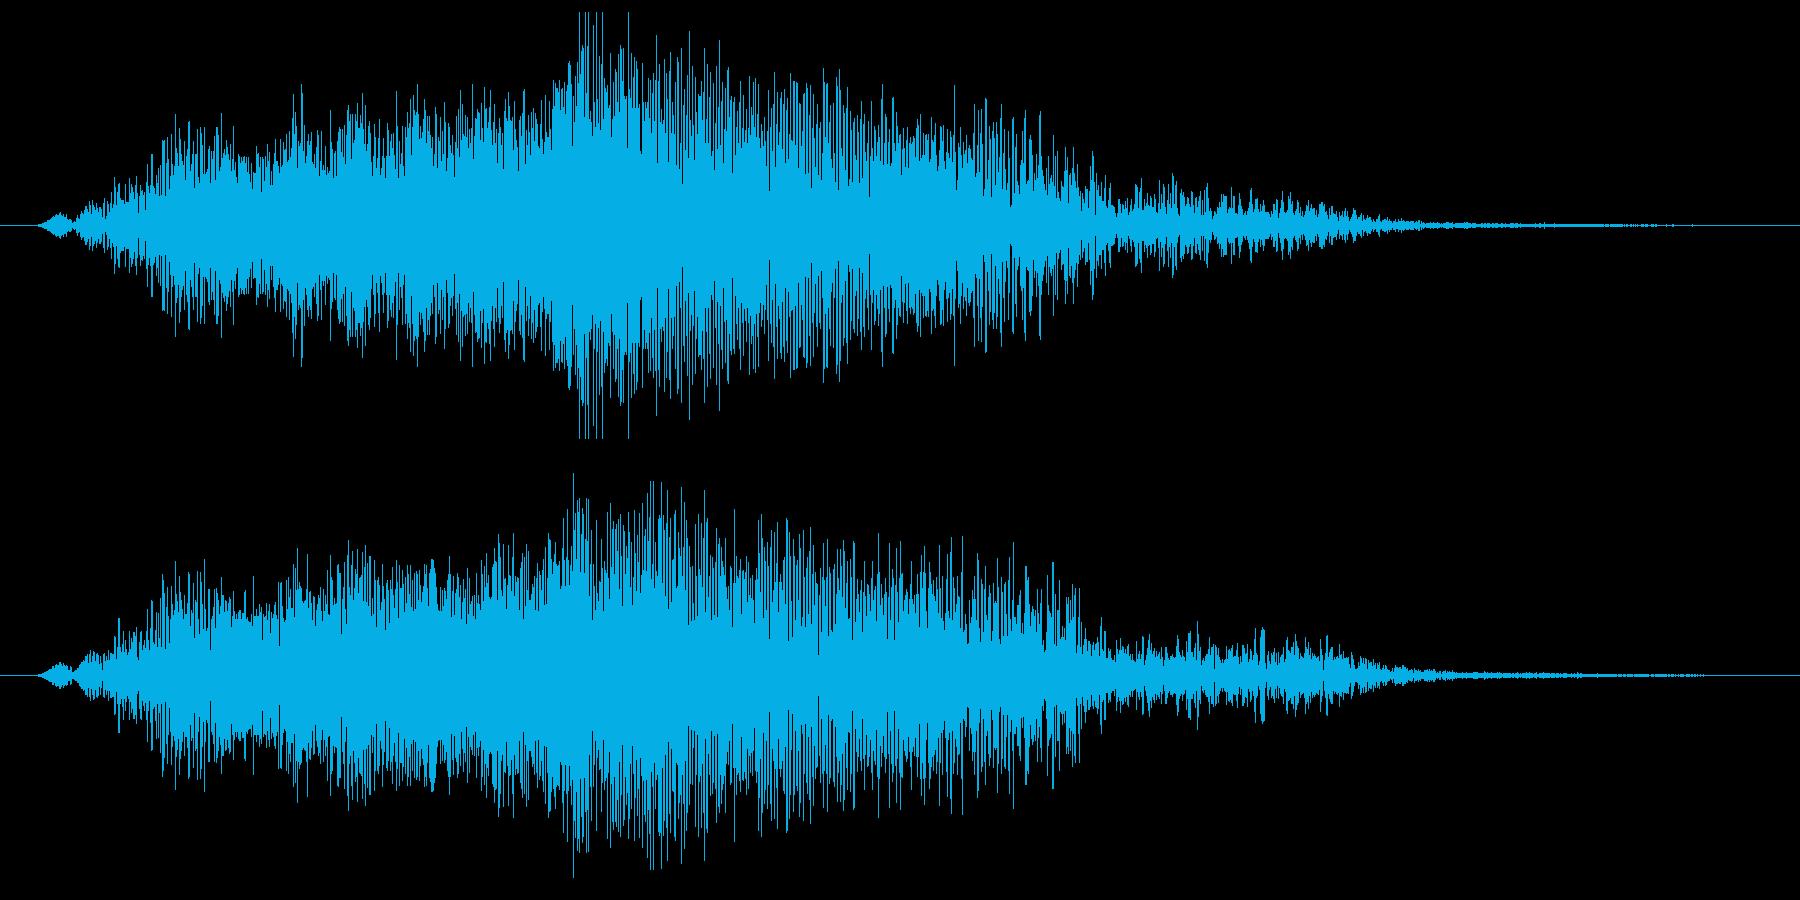 映画のタイトルが出てくるような効果音1の再生済みの波形